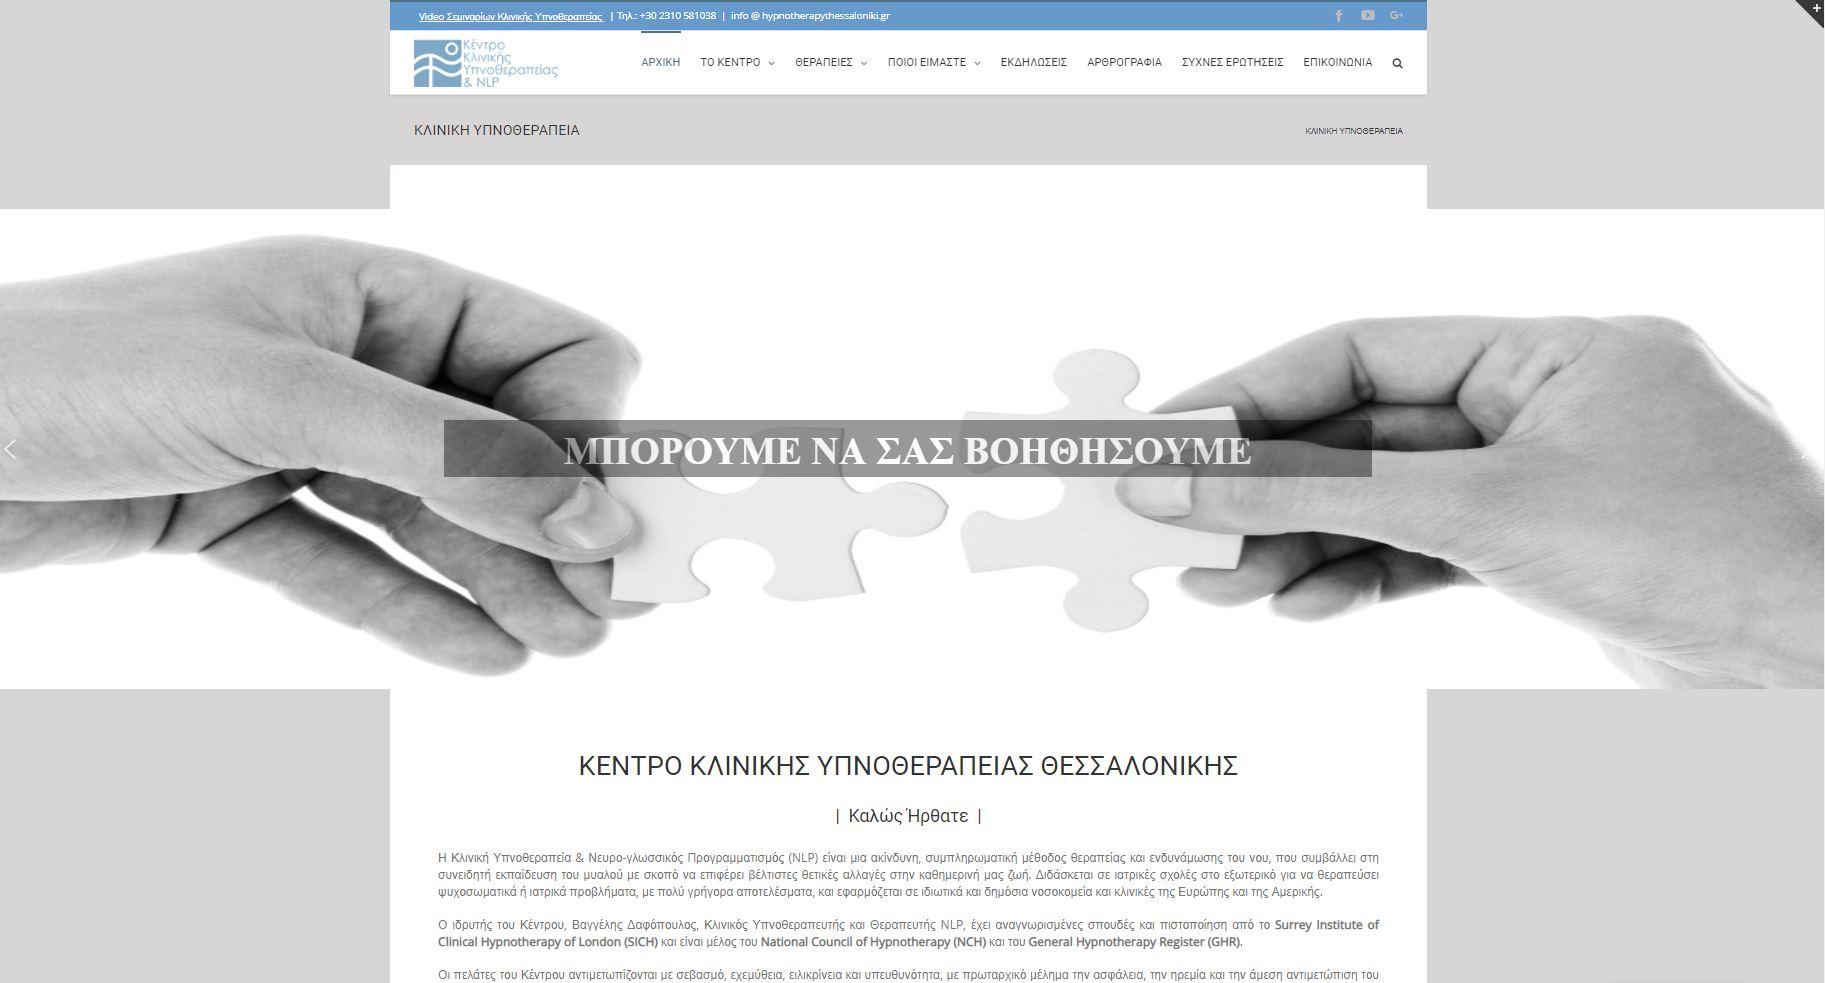 Κατασκευή ιστοσελίδας θεραπευτικού αντικειμένου